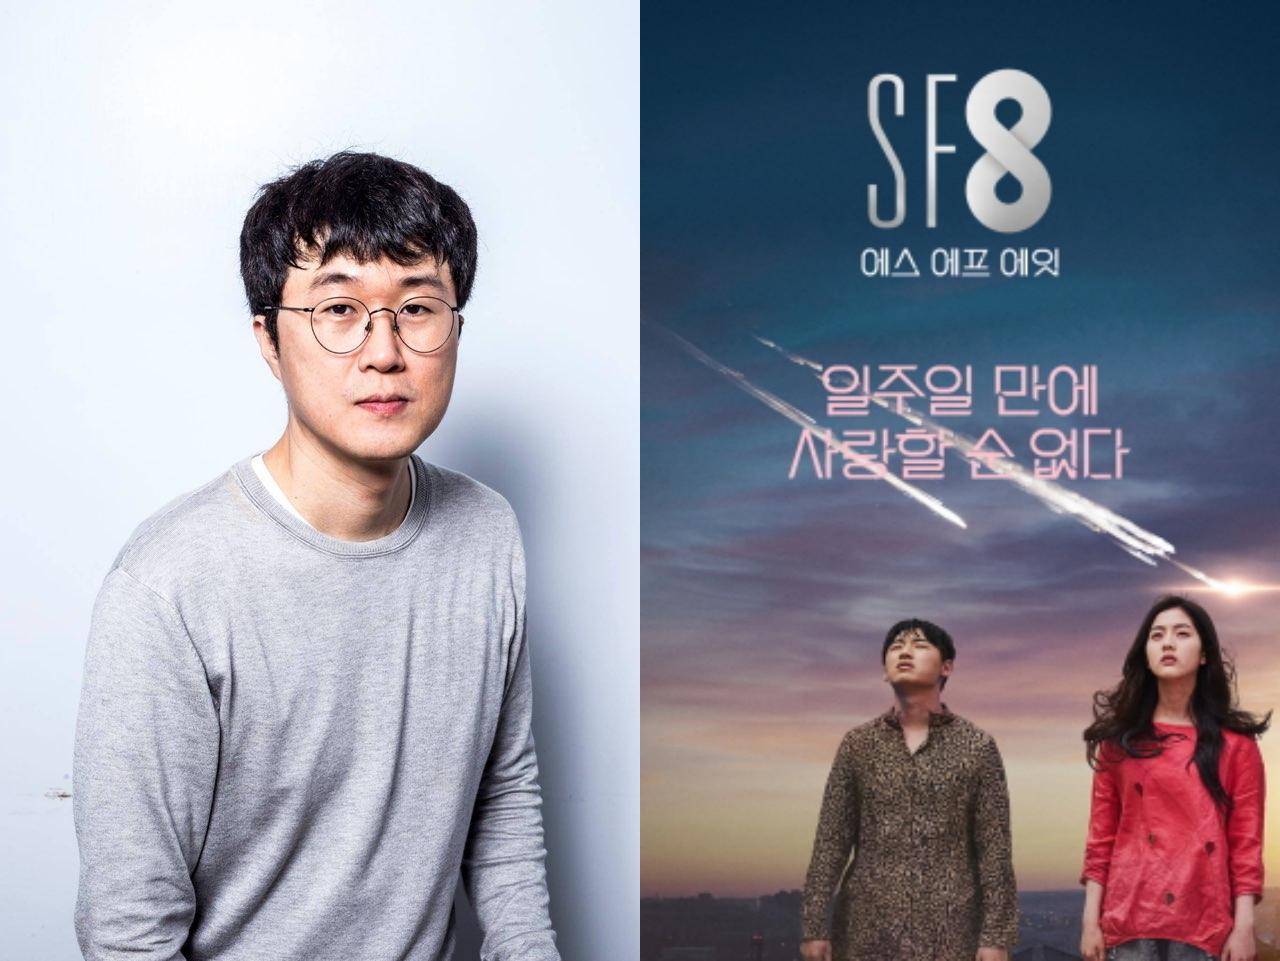 """'SF8' 안국진 감독, """"캐스팅 일주일, 촬영 일주일, 편집 일주일 만에 만든 작품"""""""